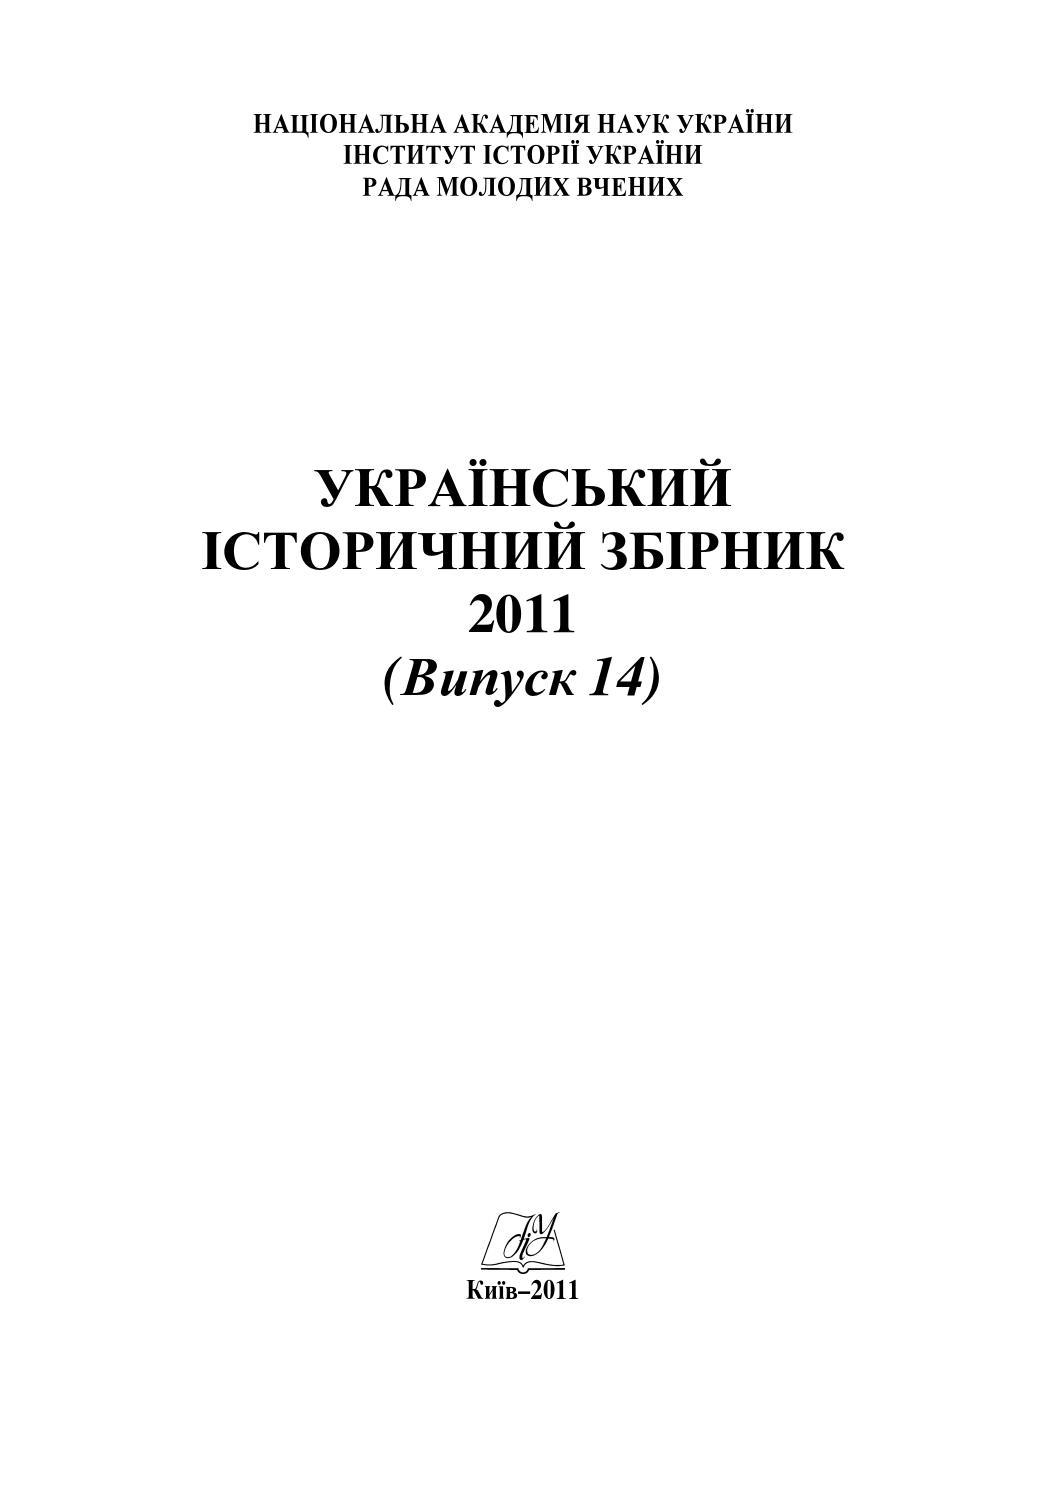 УКРАЇНСЬКИЙ ІСТОРИЧНИЙ ЗБІРНИК (2011) by Watra - issuu eca6b6f3498b7